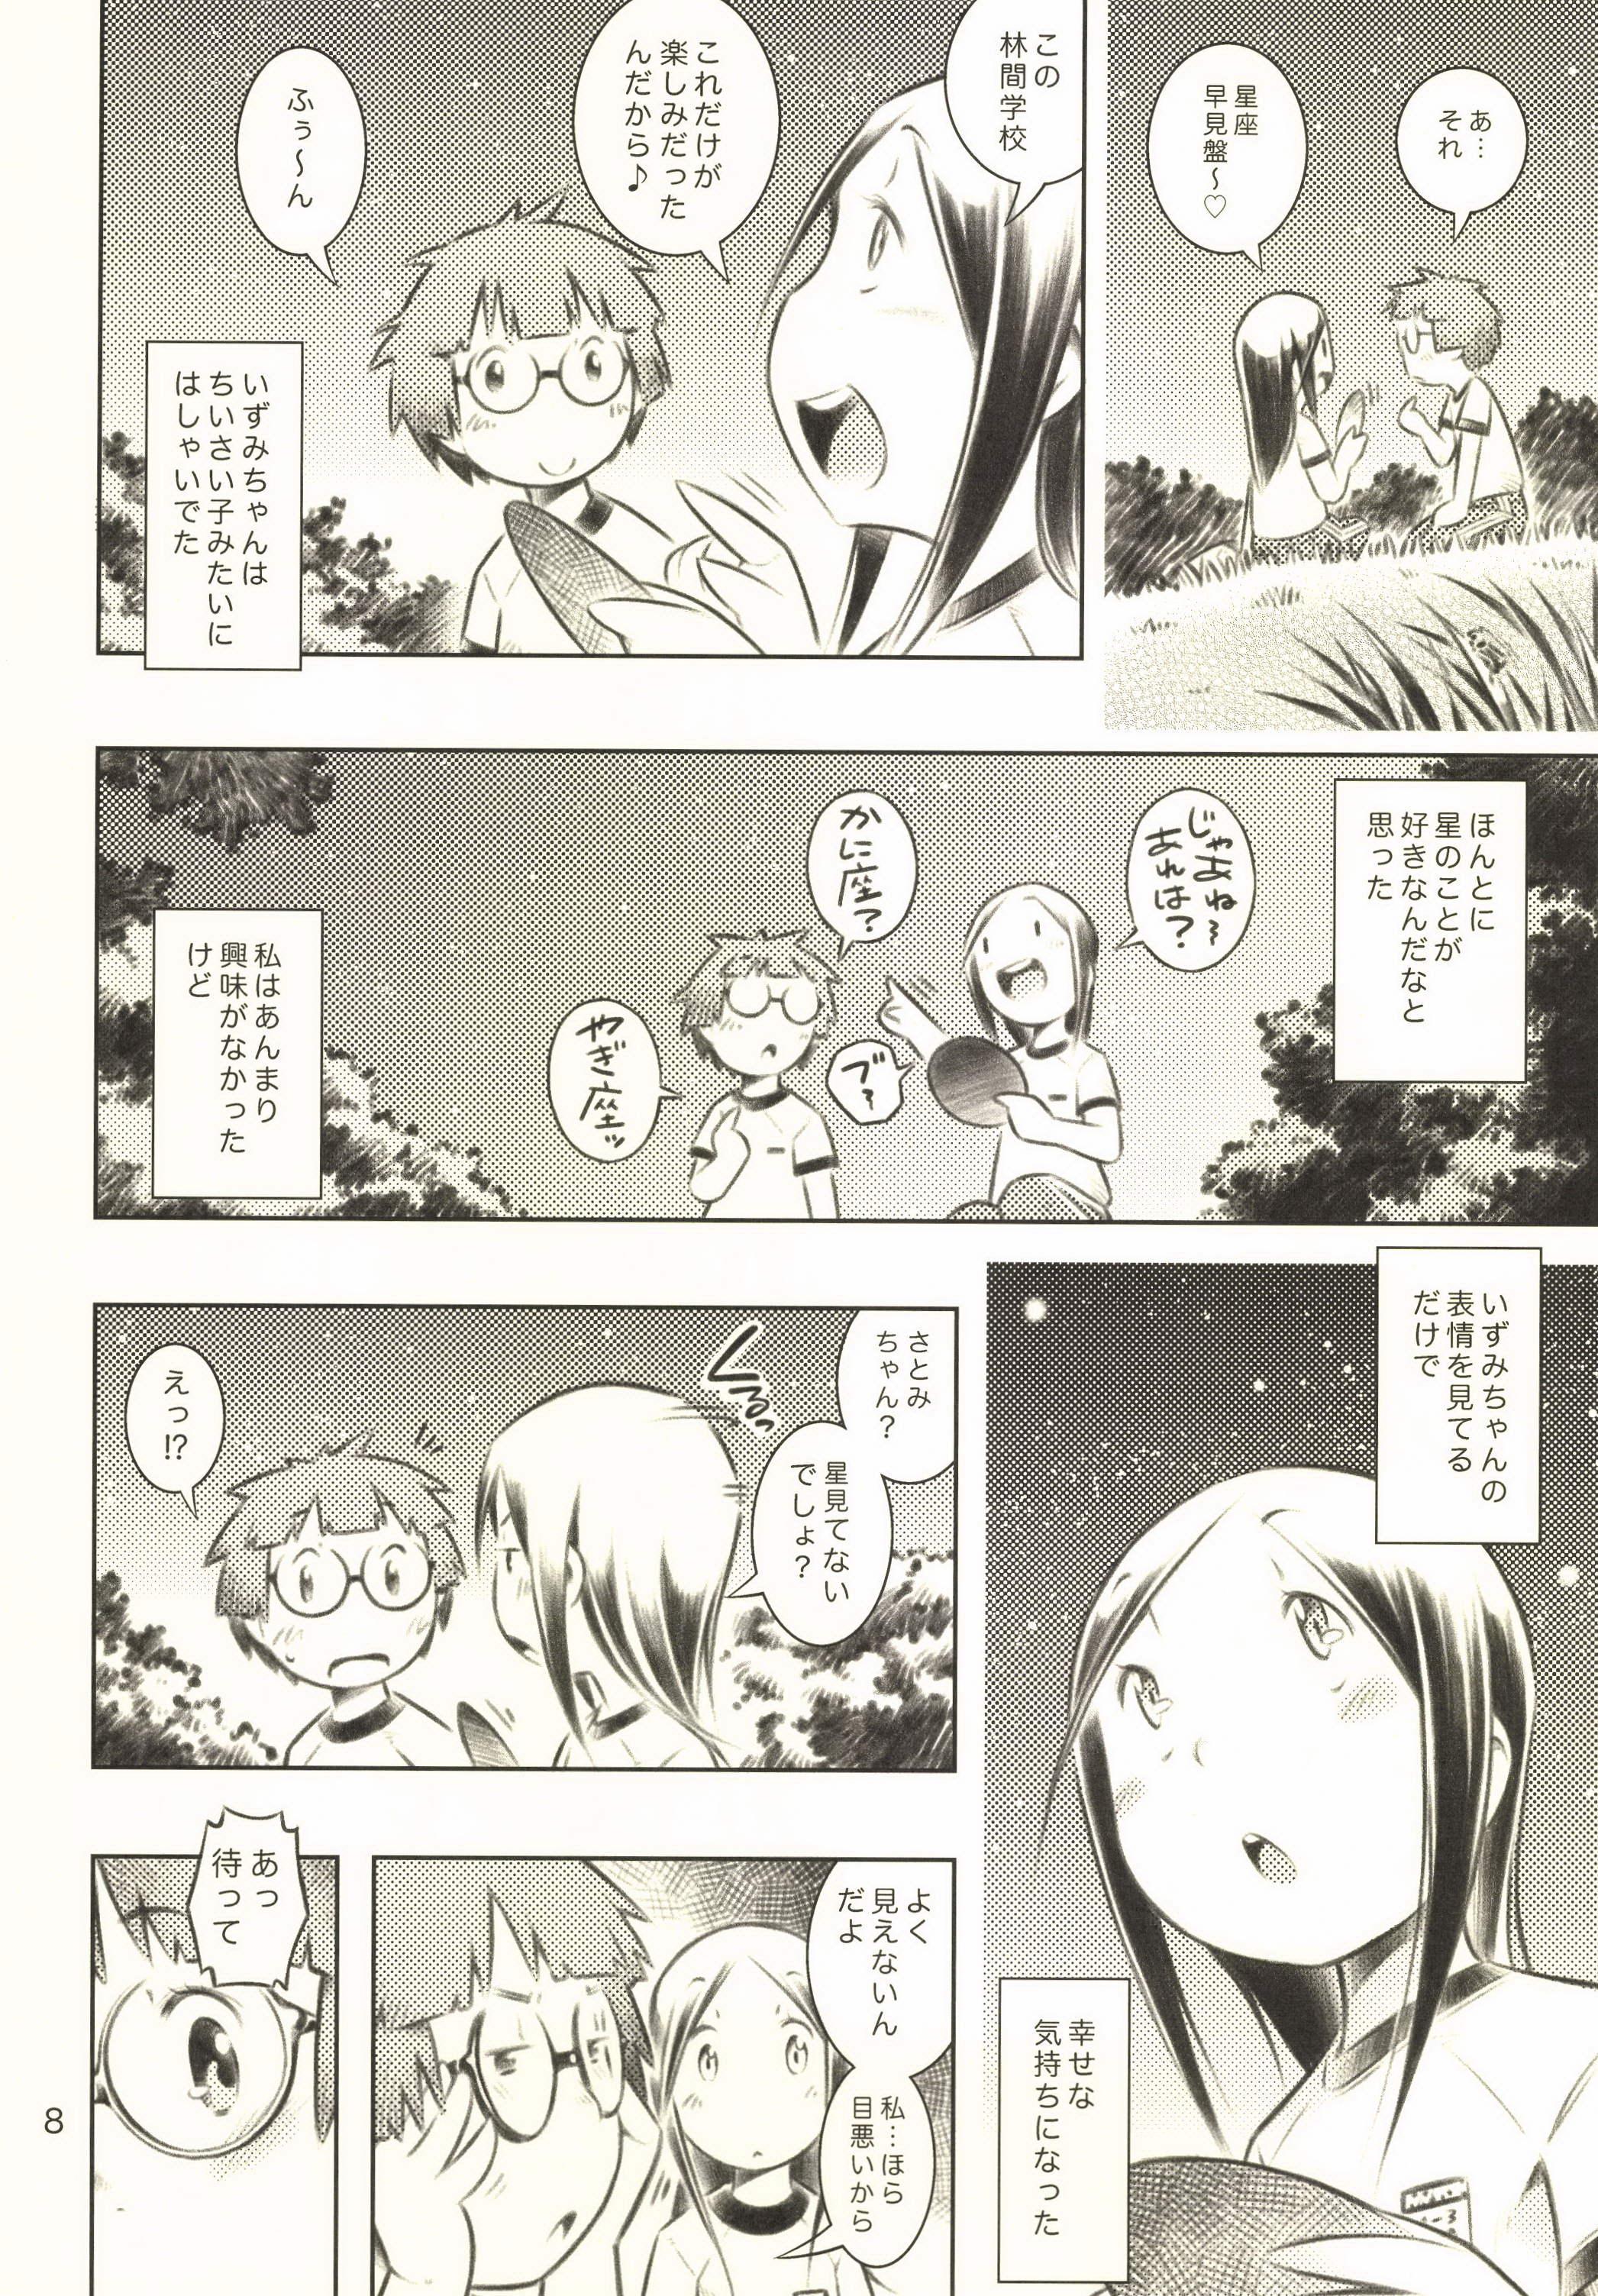 【エロ漫画・エロ同人】貧乳ロリ少女が林間学校で出会った少女にエッチ教えられてるwオナニー教えられアナルの気持ち良さもレズセックスもねwww ふゆの星座 (7)